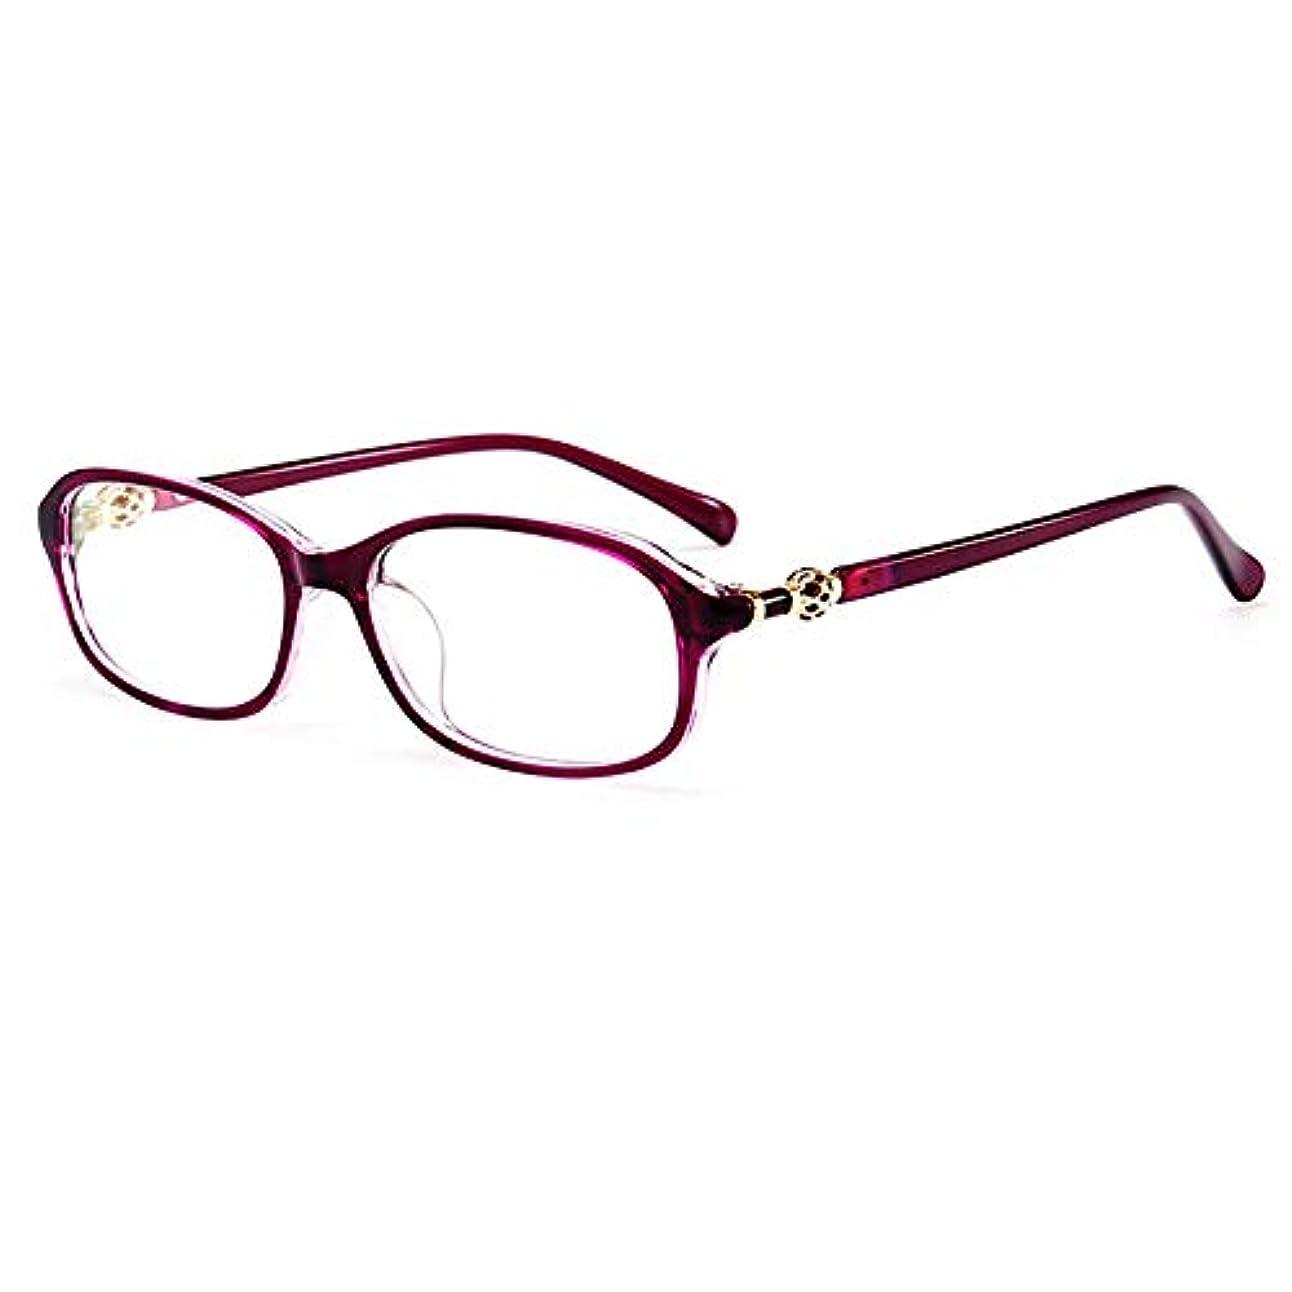 からかうマダム樹皮男性と女性用の超軽量の疲労防止老眼鏡、高解像度の放射線耐性コンピュータメガネ、取り外し可能なデザインと持ち運びが簡単、ユニセックス